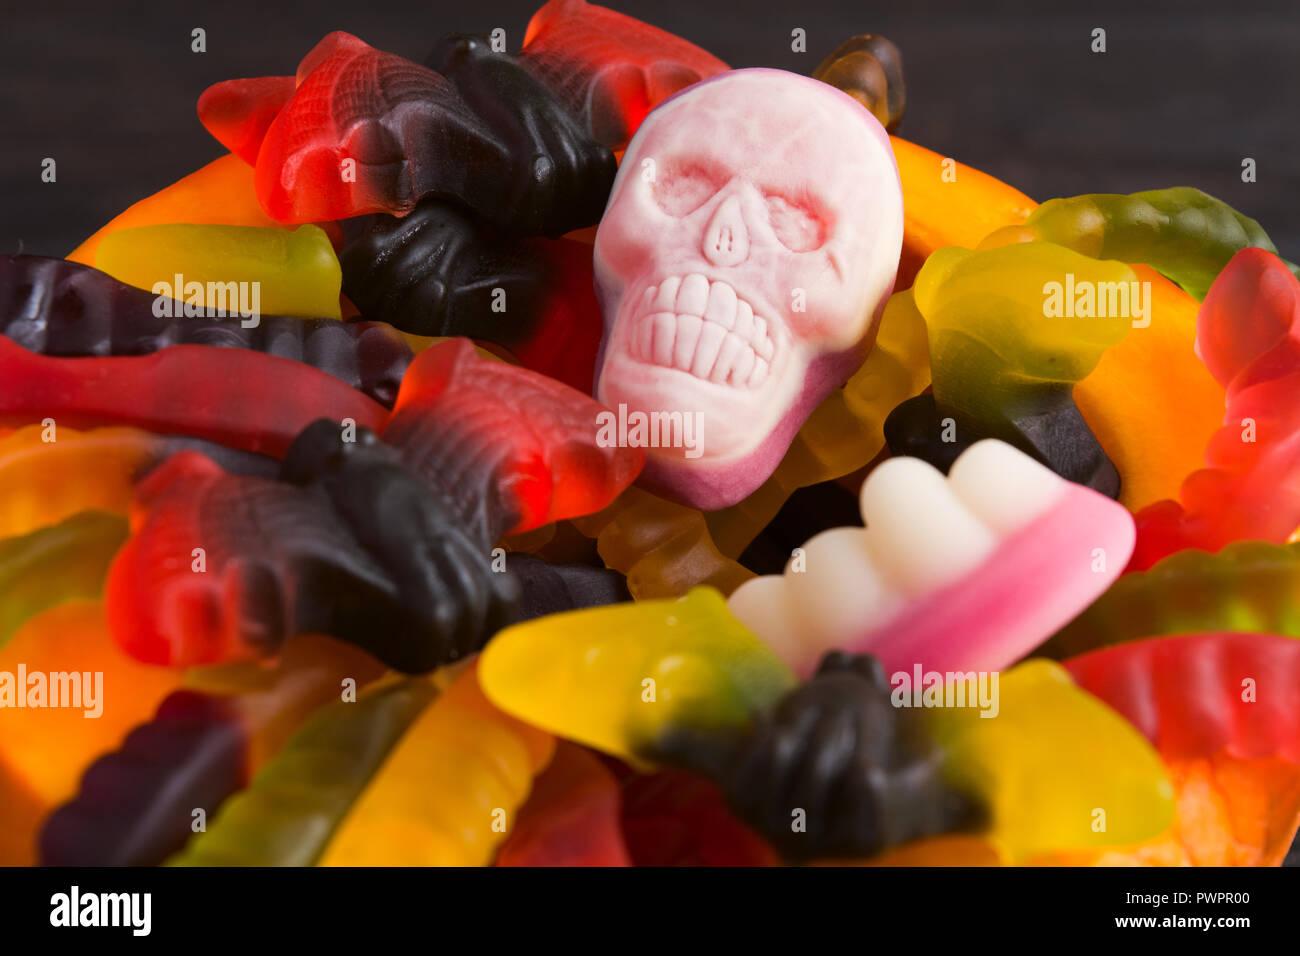 Closeup view of various Halloween candies, selective focus - Stock Image